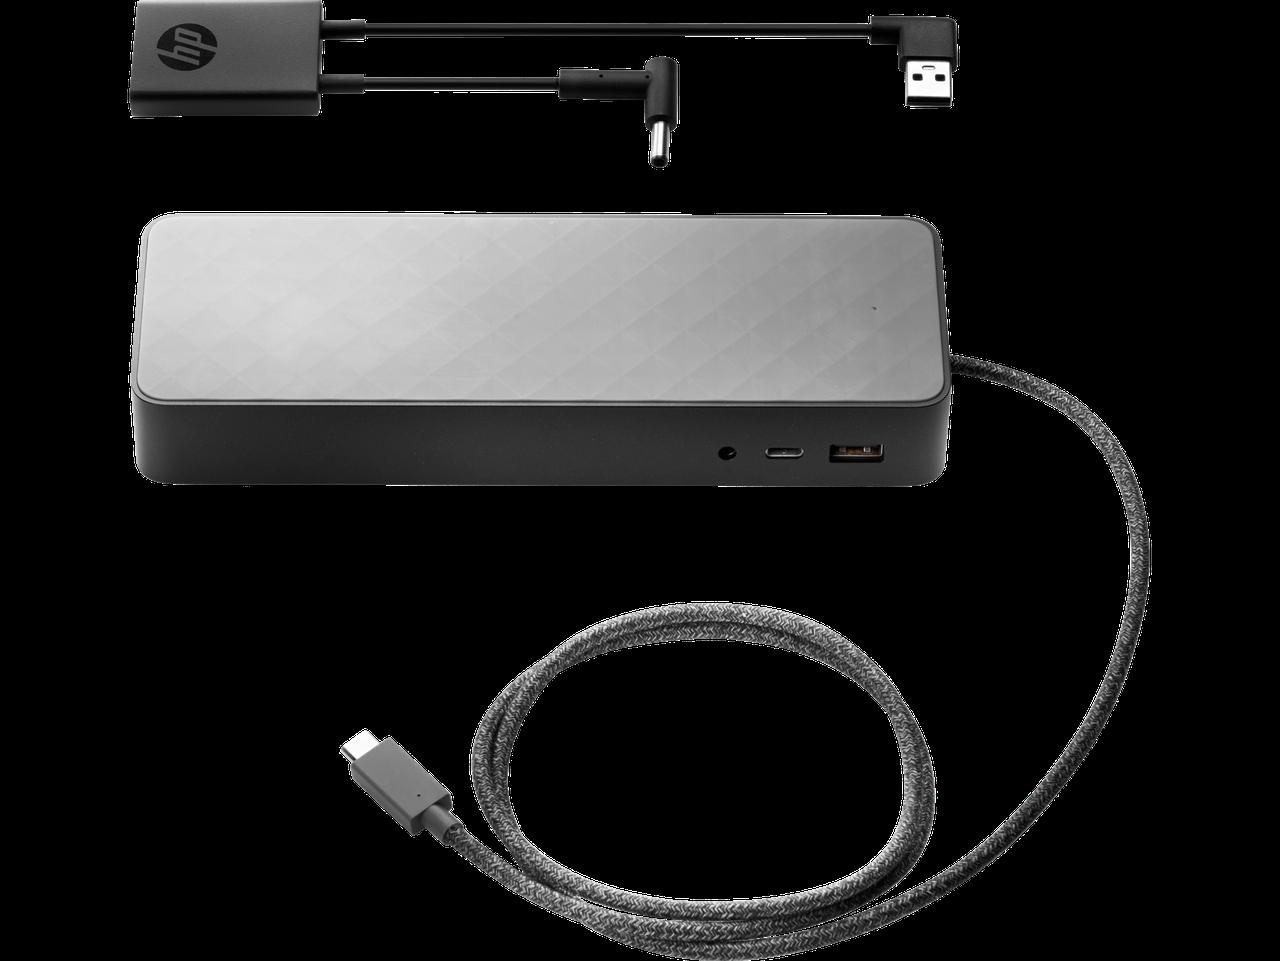 Универсальная док-станция HP 2UF95AA с адаптером 4,5 мм/USB